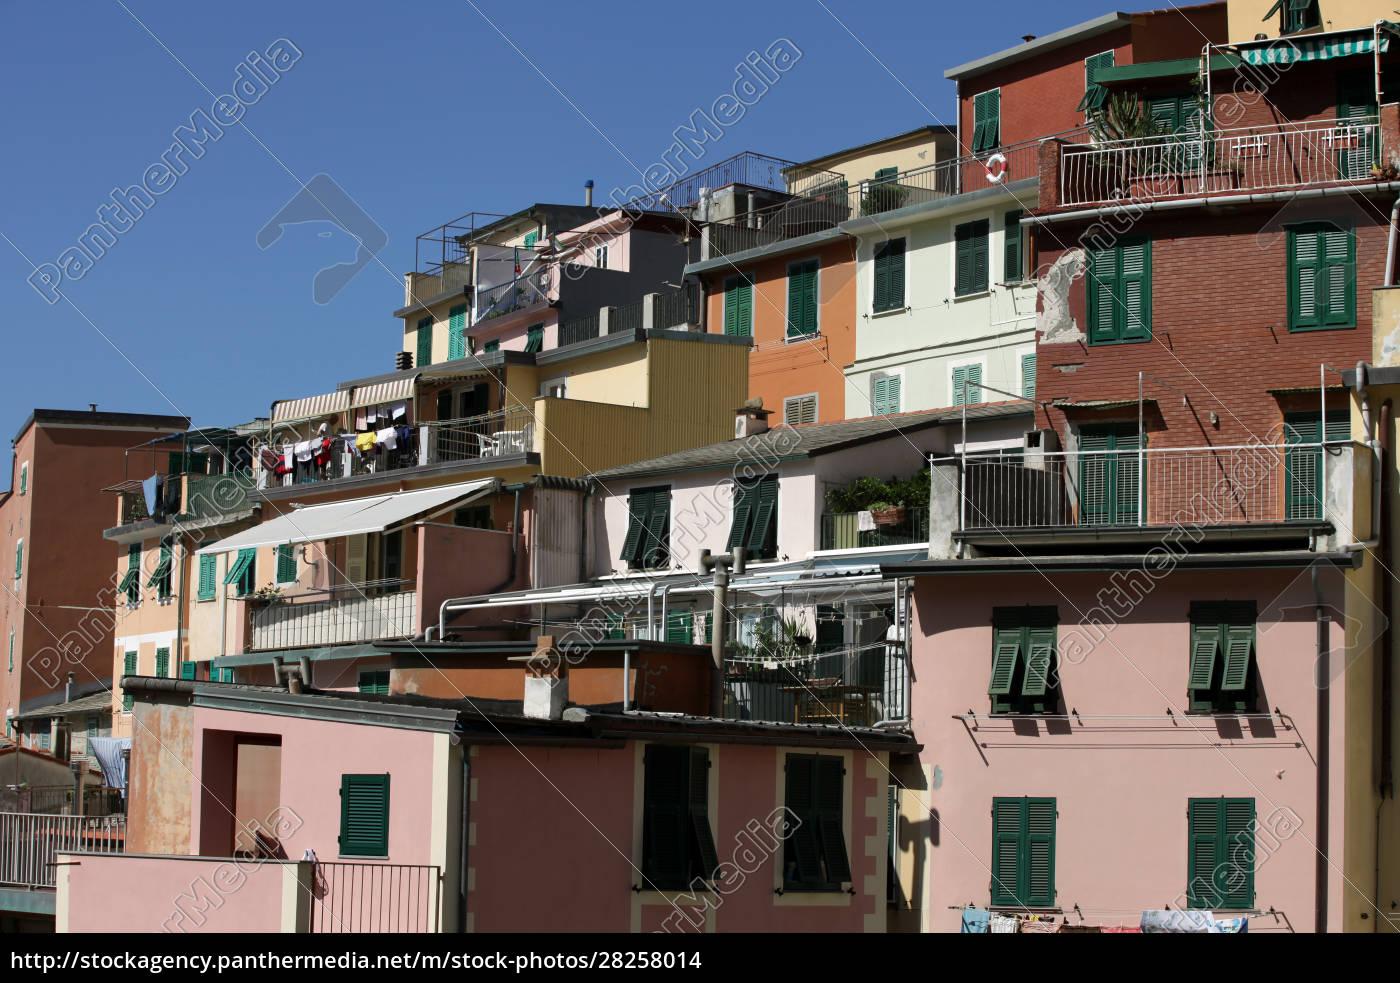 riomaggiore, -, one, of, the, cities - 28258014